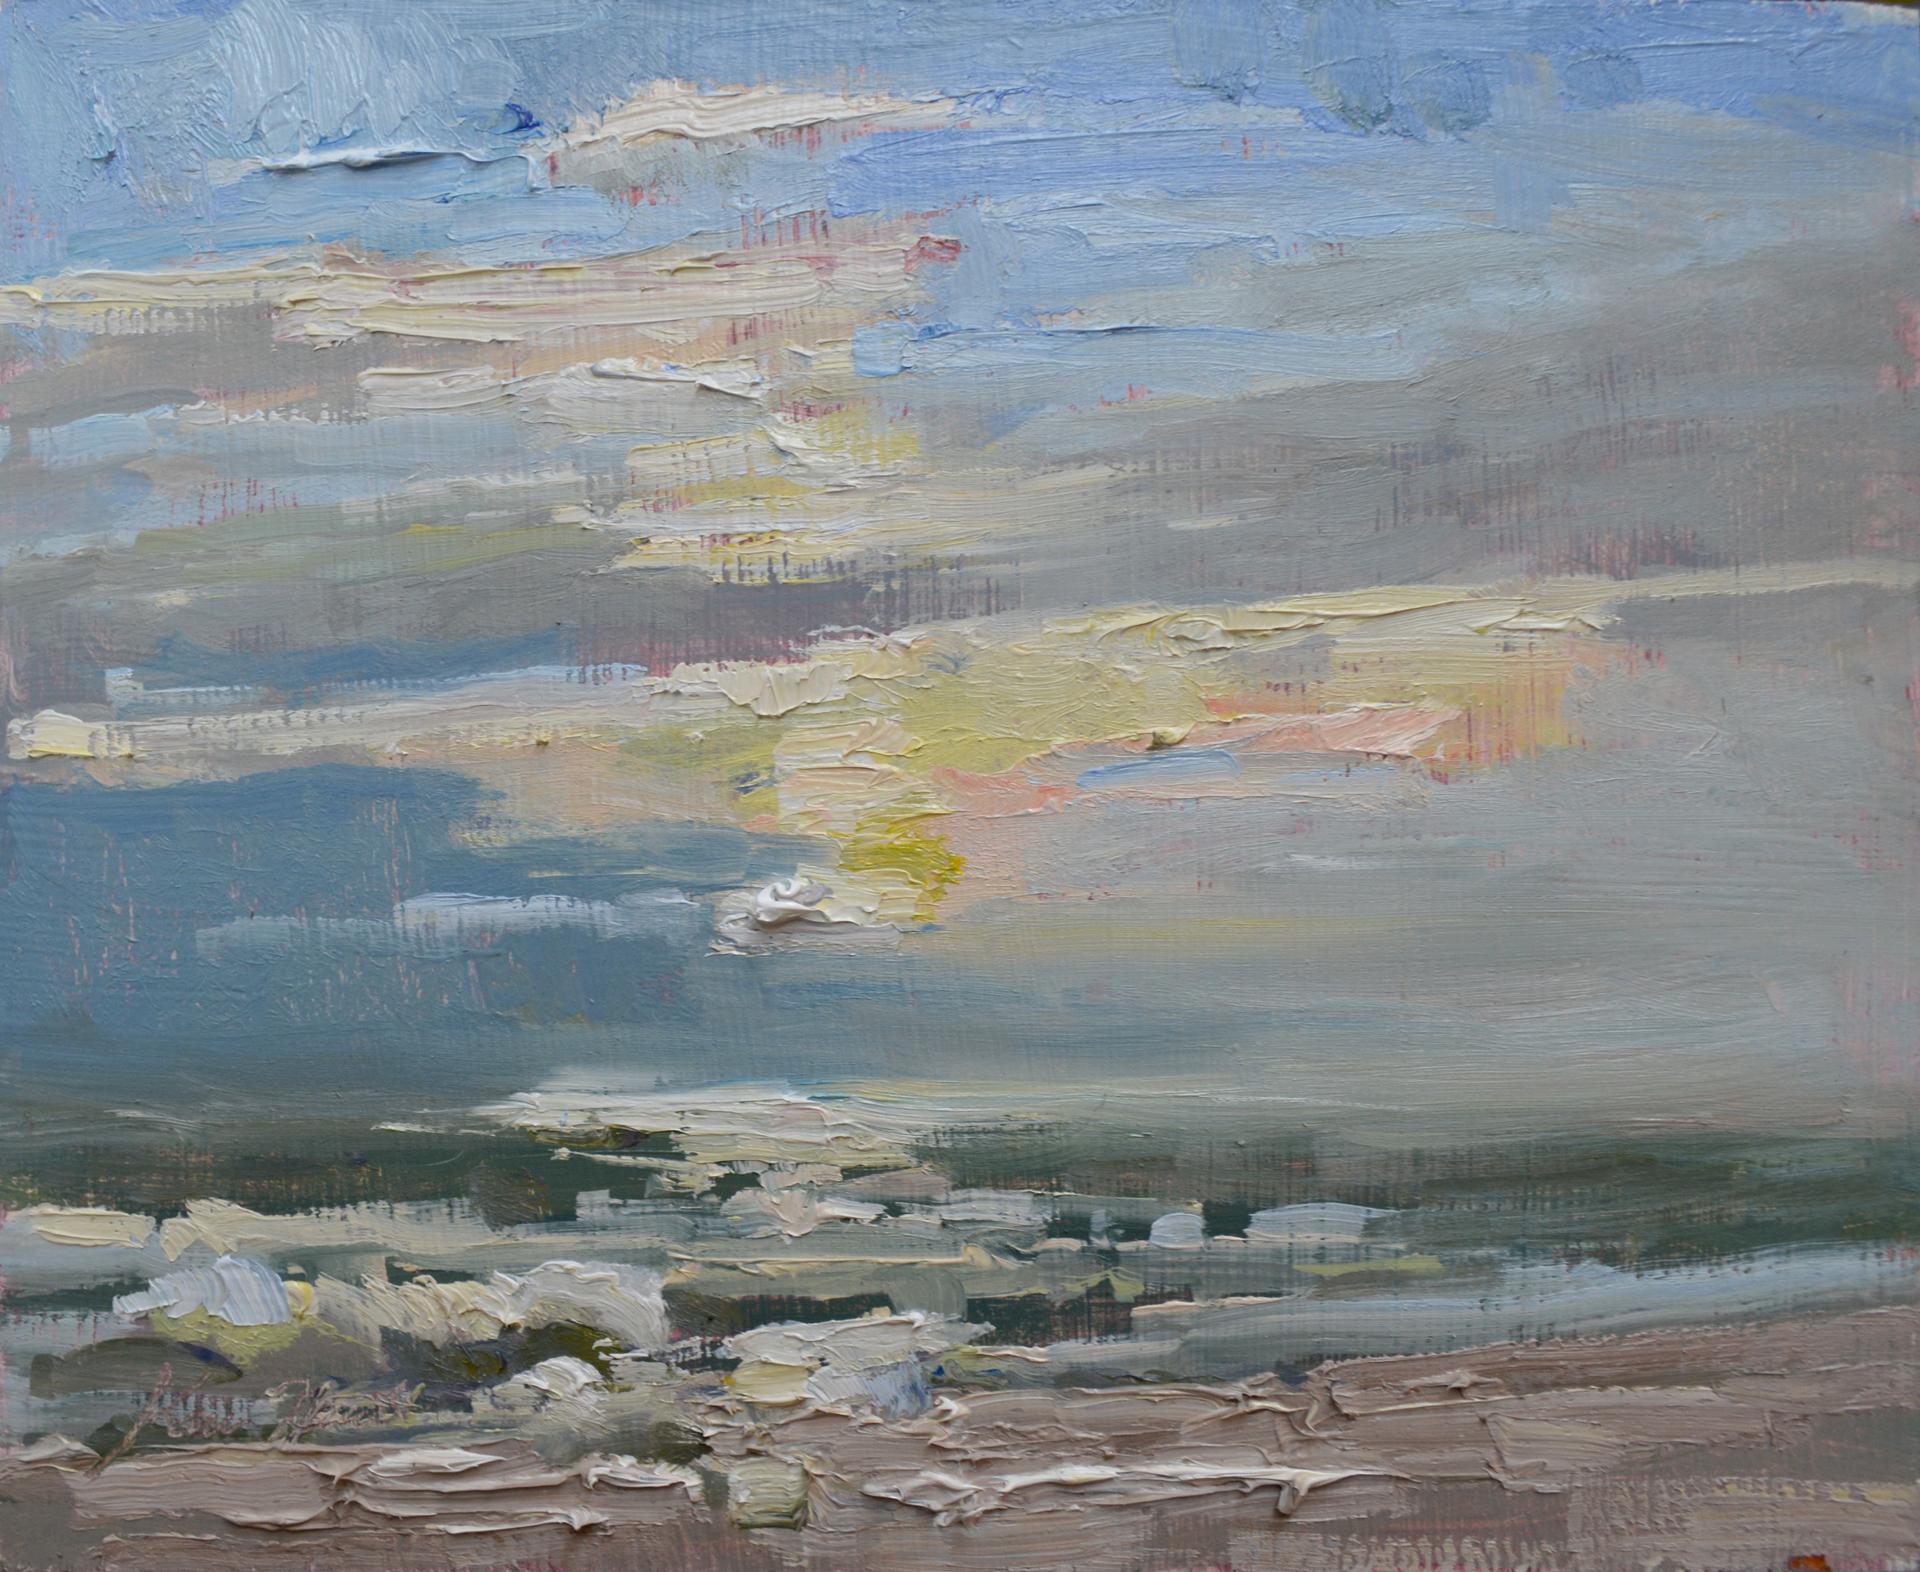 Sunrise in October by Karen Hewitt Hagan